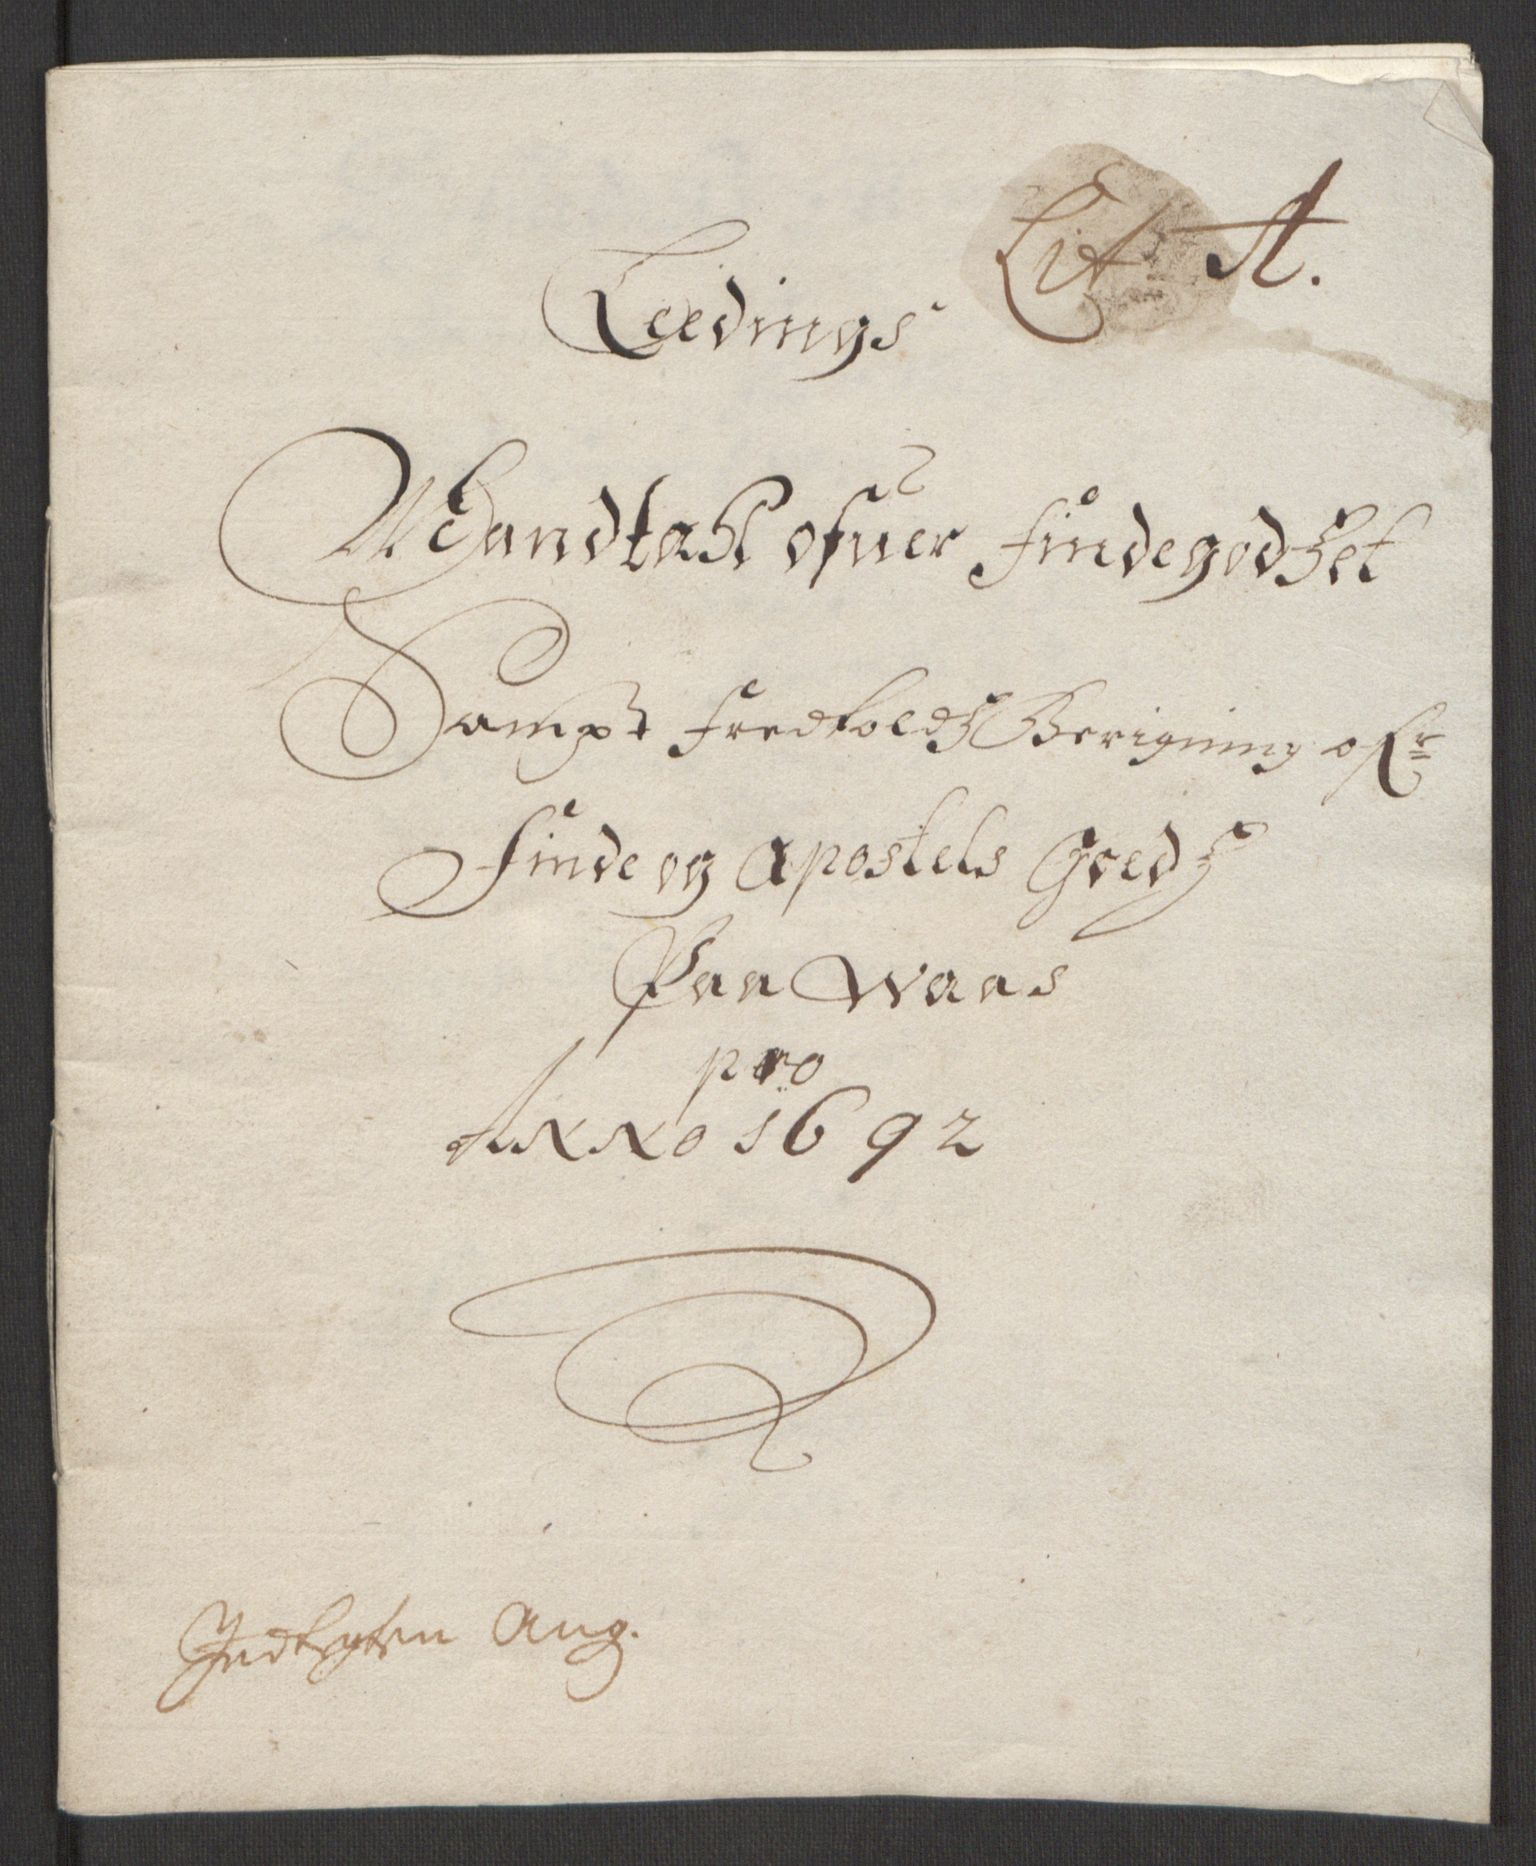 RA, Rentekammeret inntil 1814, Reviderte regnskaper, Fogderegnskap, R51/L3181: Fogderegnskap Nordhordland og Voss, 1691-1692, s. 204